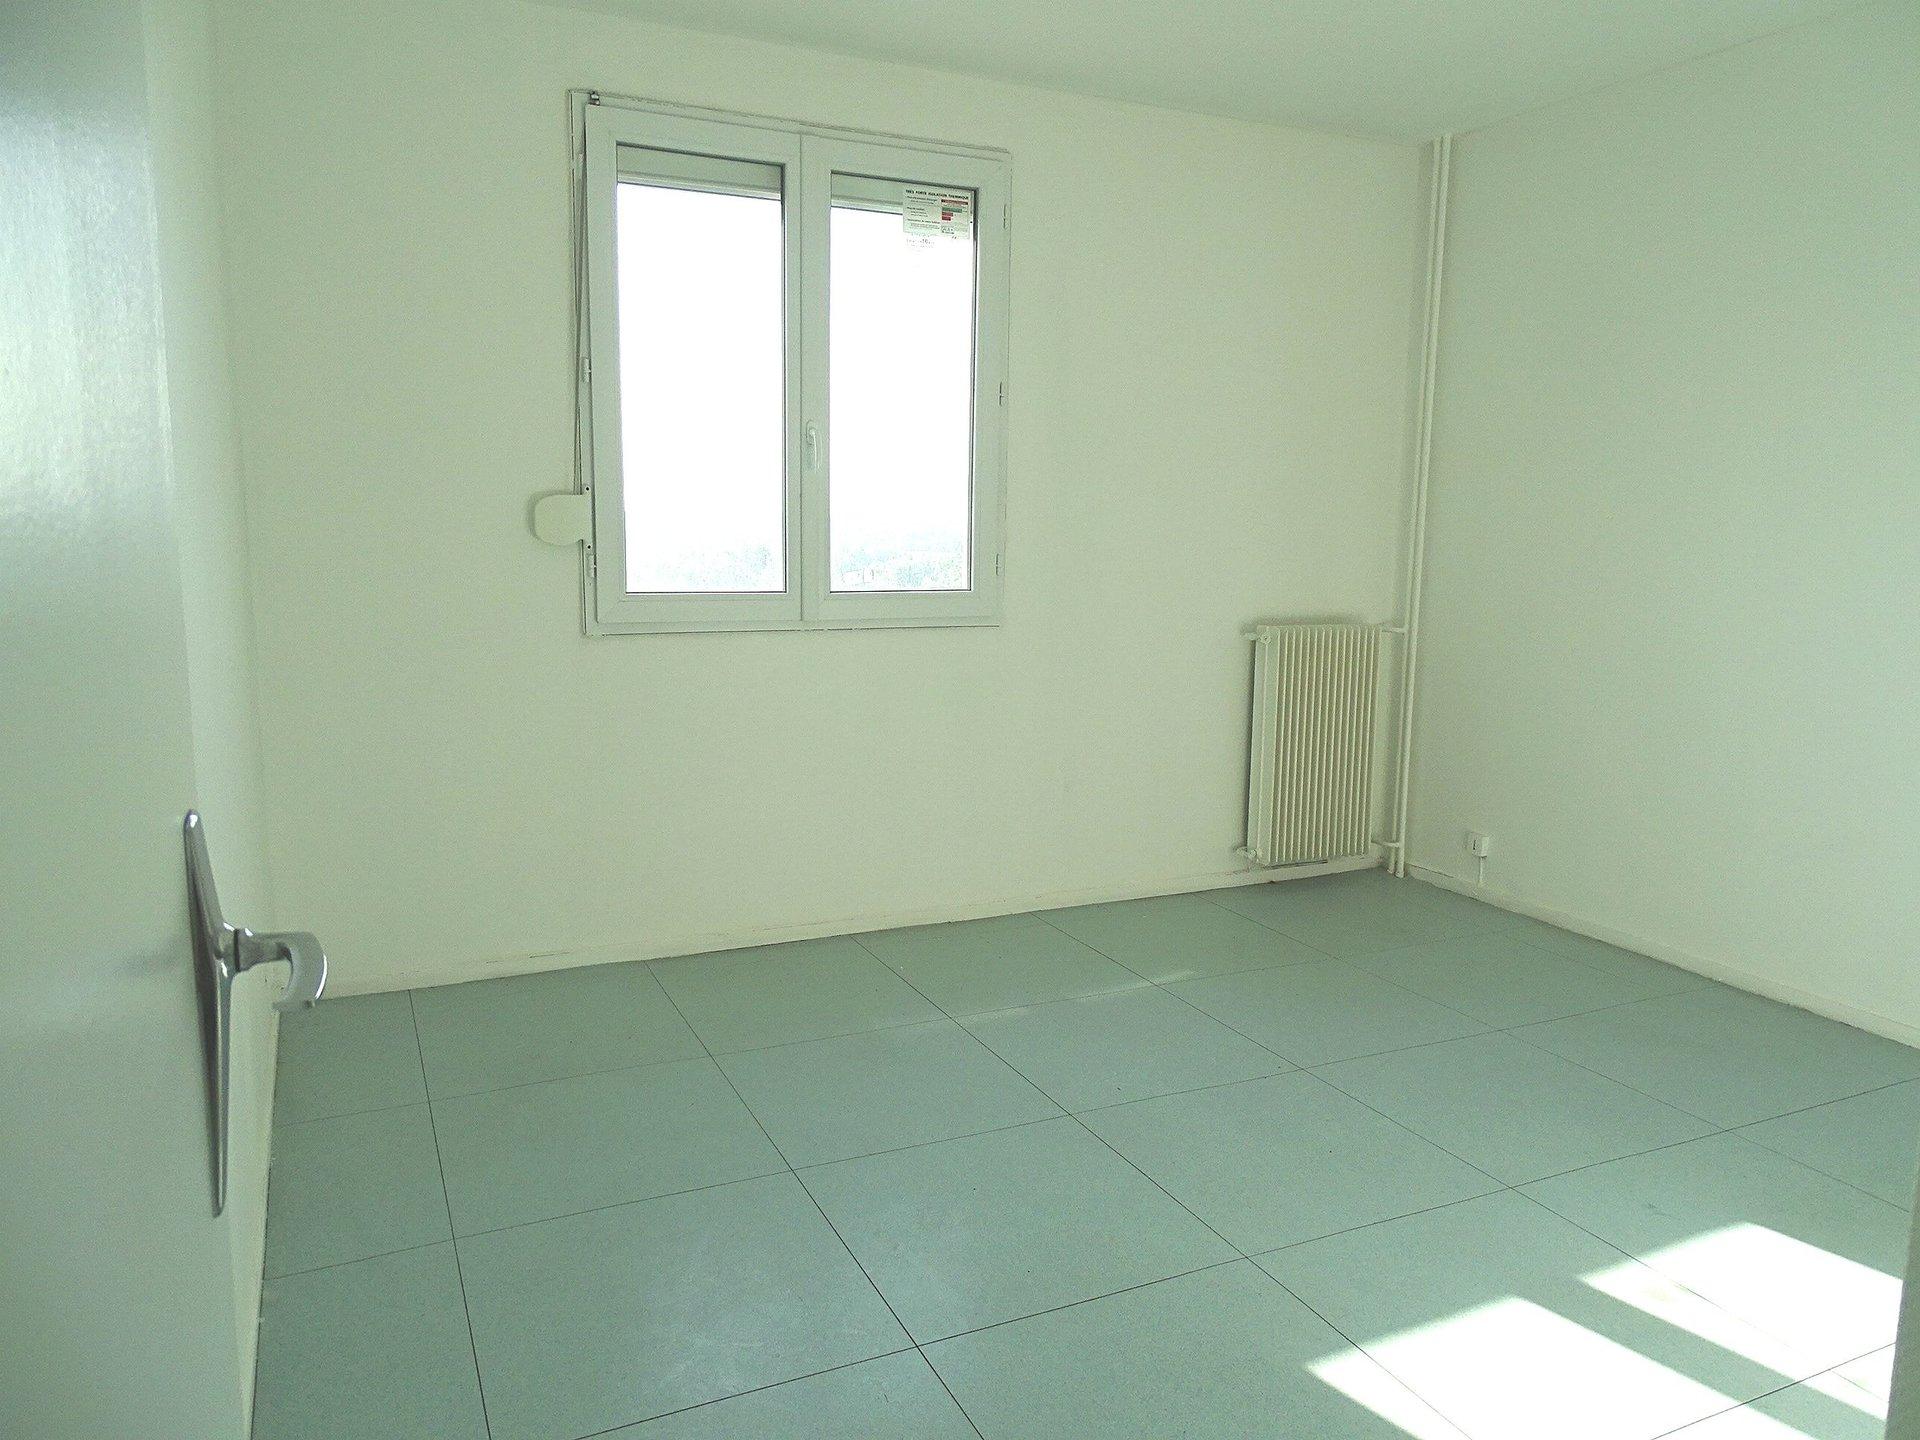 Mâcon, au pied des commerces, découvrez cet appartement avec une magnifique vue Saône d'une surface de 63 m² environ. Il se compose d'un vaste dégagement qui s'ouvre sur une belle pièce de vie (possibilité de fermer le salon pour une seconde chambre), d'une cuisine séparée avec placard, d'une chambre, d'une salle de bains et d'un toilette. Appartement très lumineux offrant un beau potentiel, ascenseur et cave.  Bien soumis au régime de la copropriété, nombre de lots 136, montant des charges 150 euros par mois comprenant le chauffage, l'entretien des parties communes, l'ascenseur... Honoraires à la charge du vendeur.